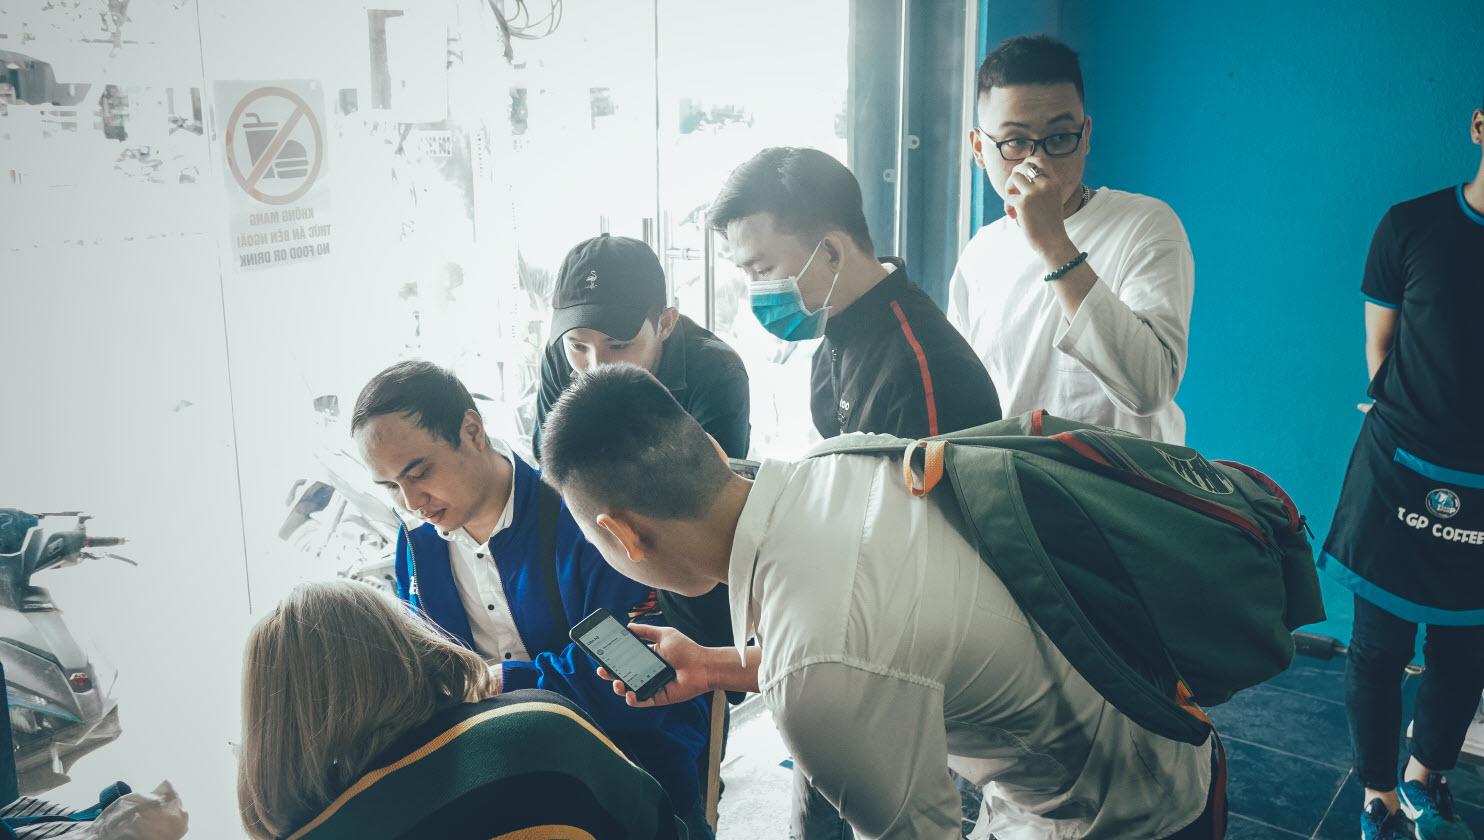 Cộng đồng Rules of Survival tổ chức offline mừng sinh nhật tại Hồ Chí Minh 1